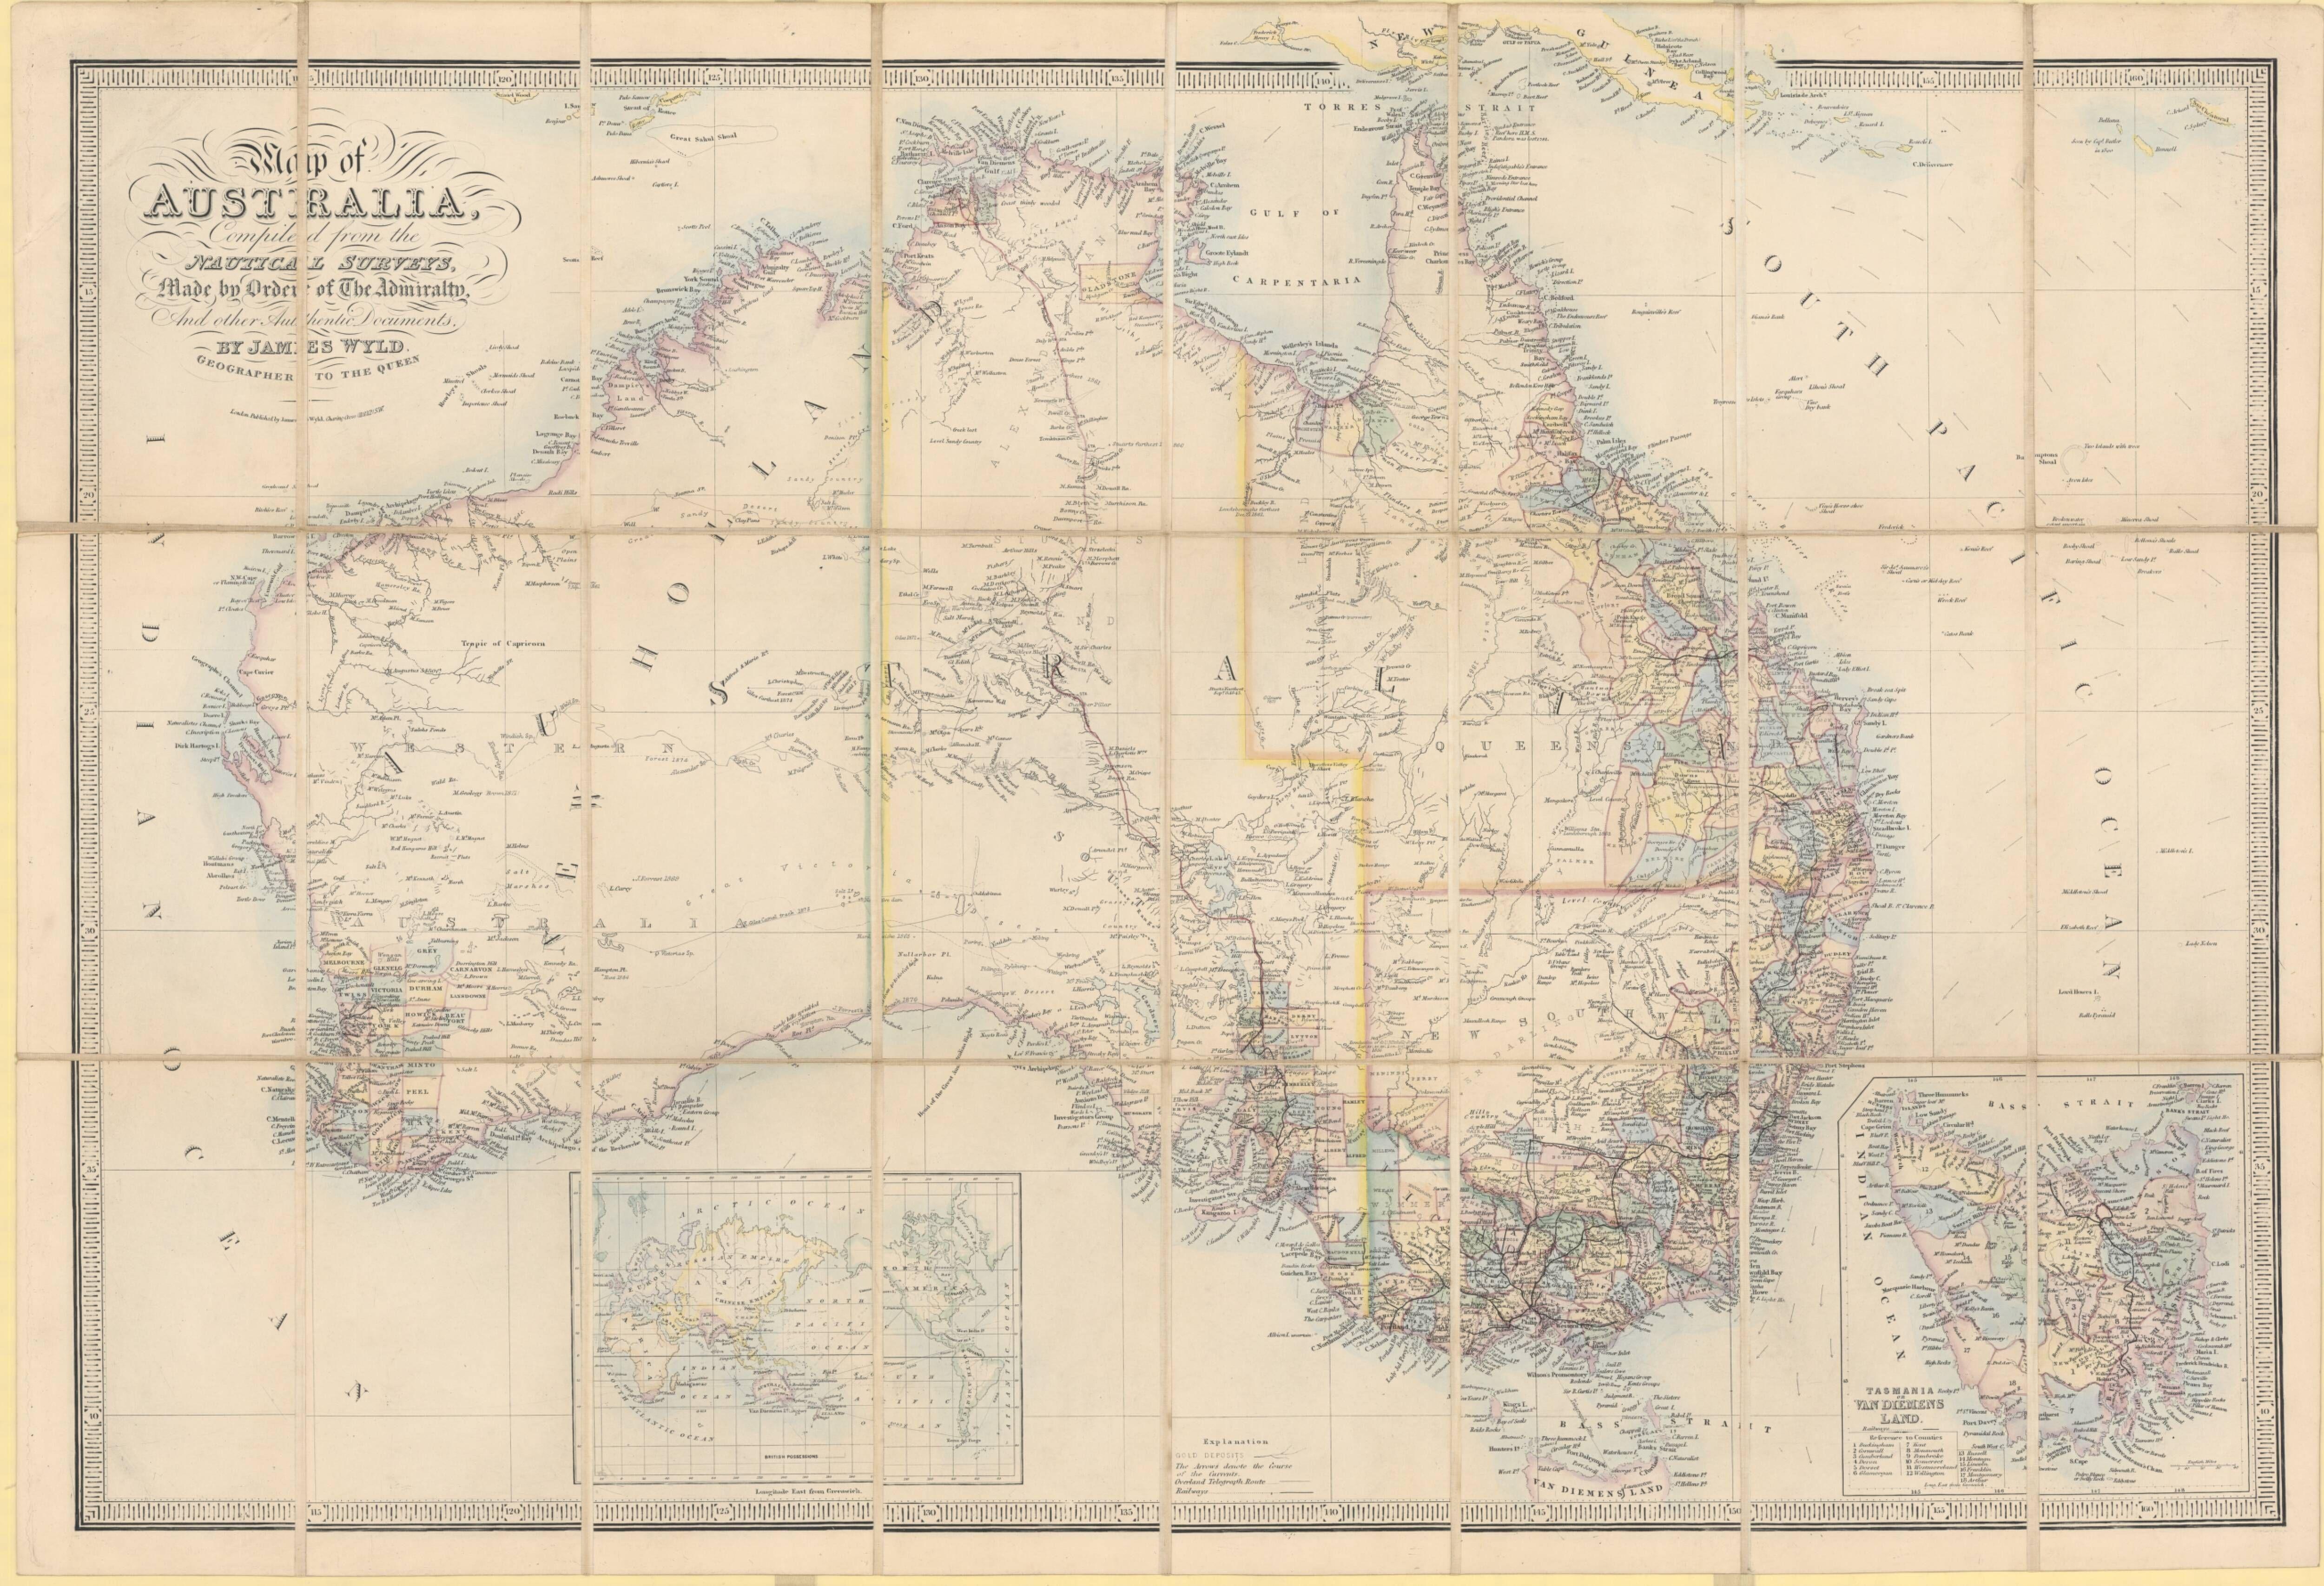 1878 Map of Australia | Maps of Australia / Australasia | Pinterest